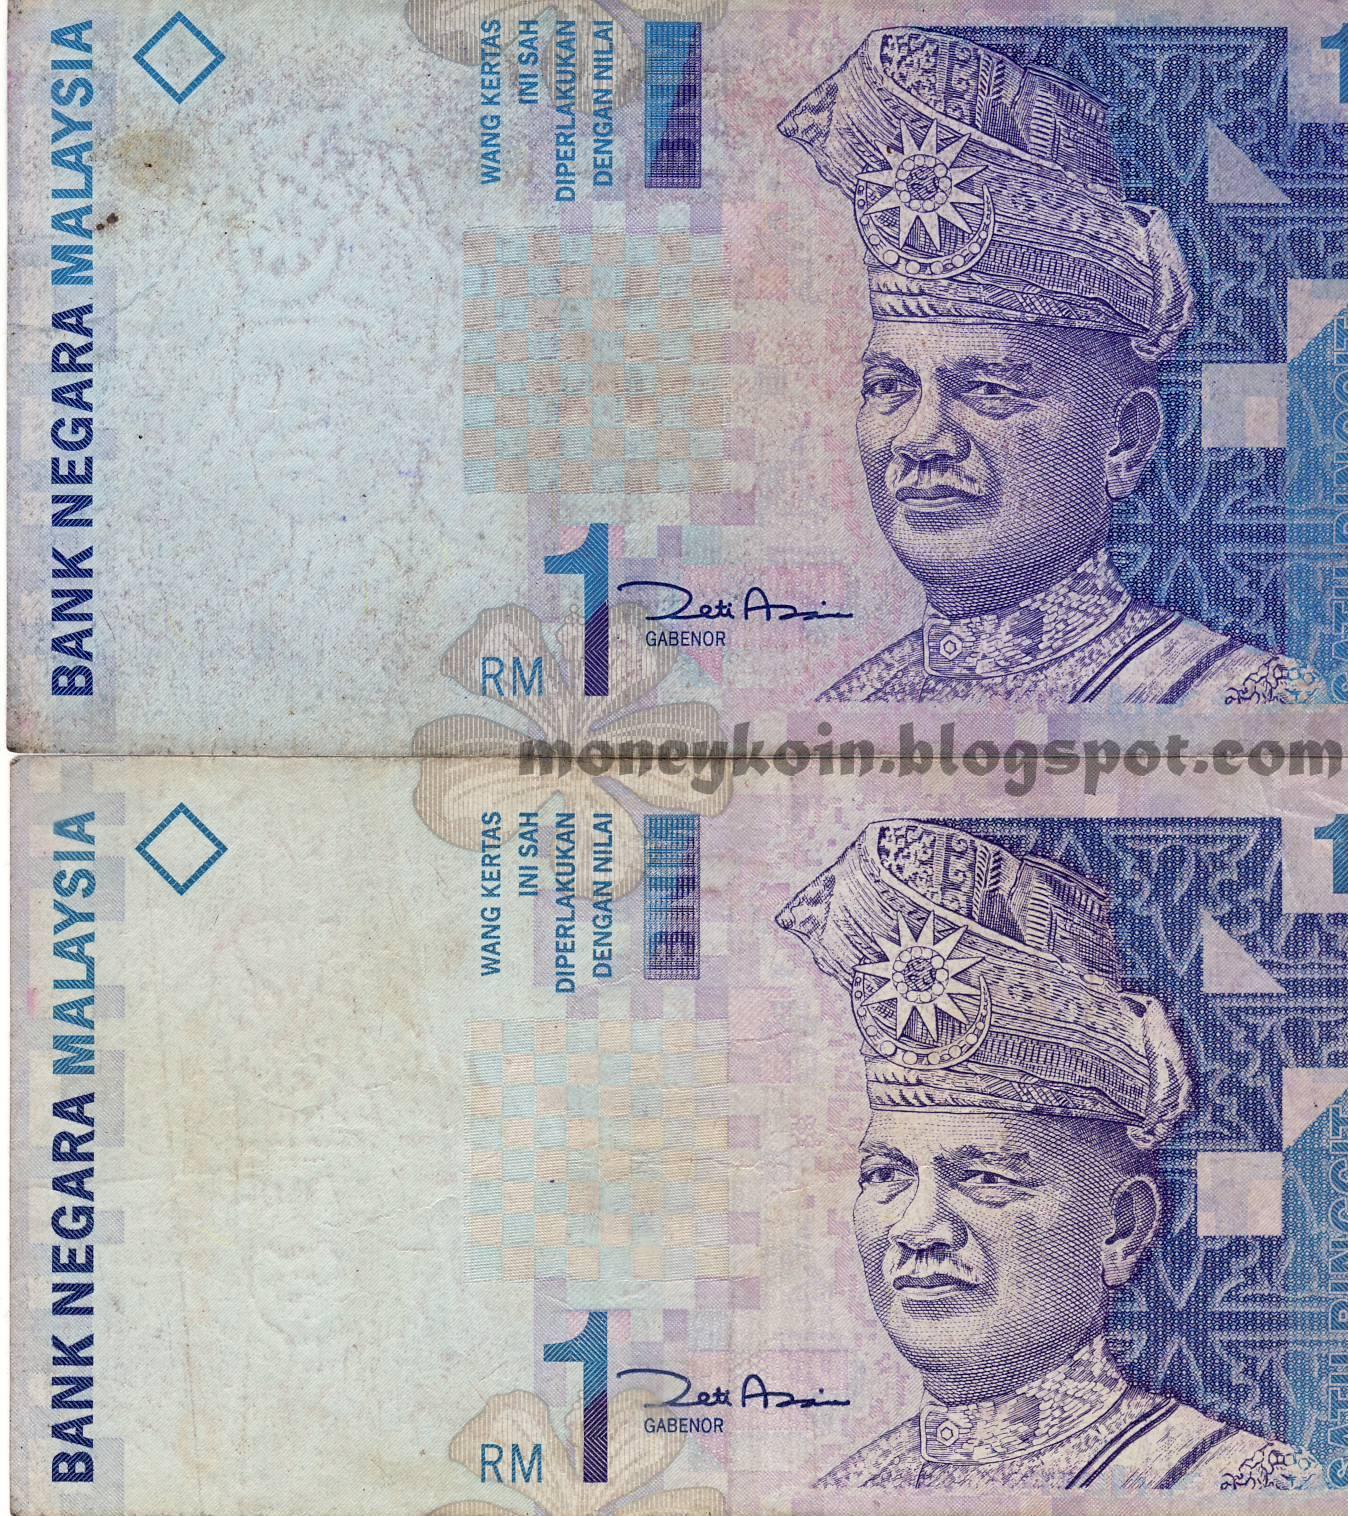 Harga 1 ringgit malaysia ke rupiah